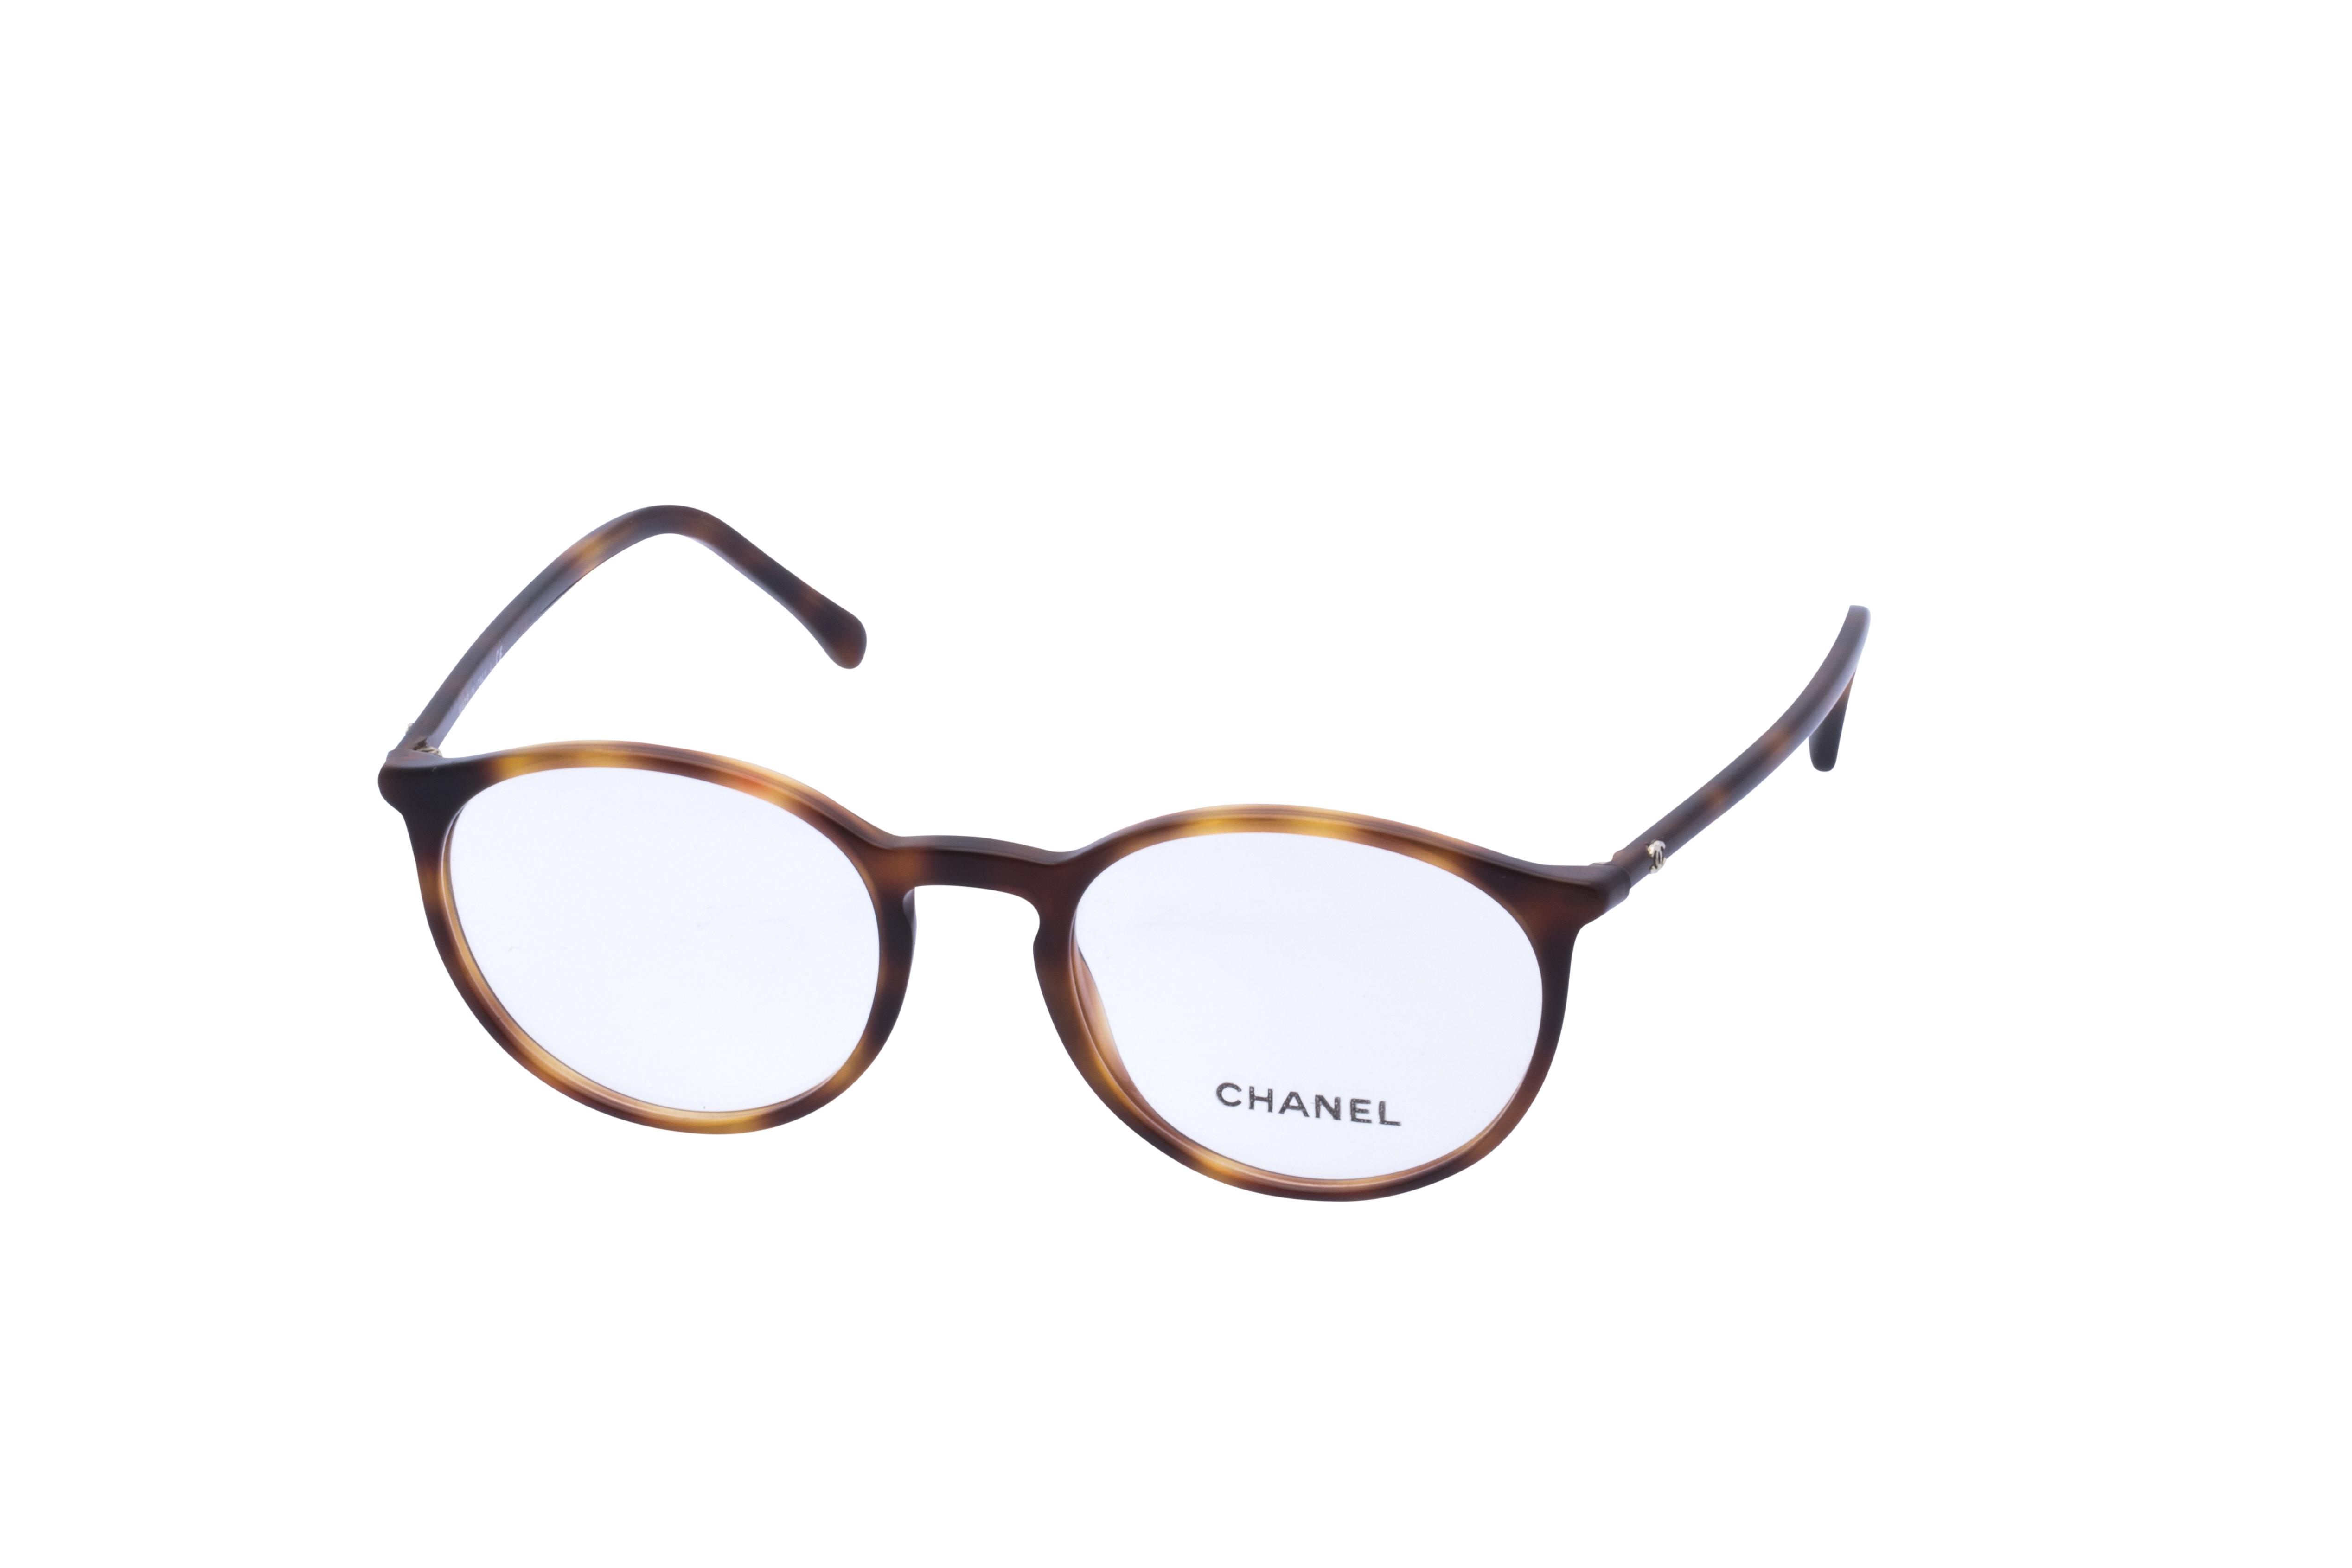 360 Grad Ansicht 23 Chanel 3372 Frontansicht, Brille auf Weiß - Fassung bei KUNK